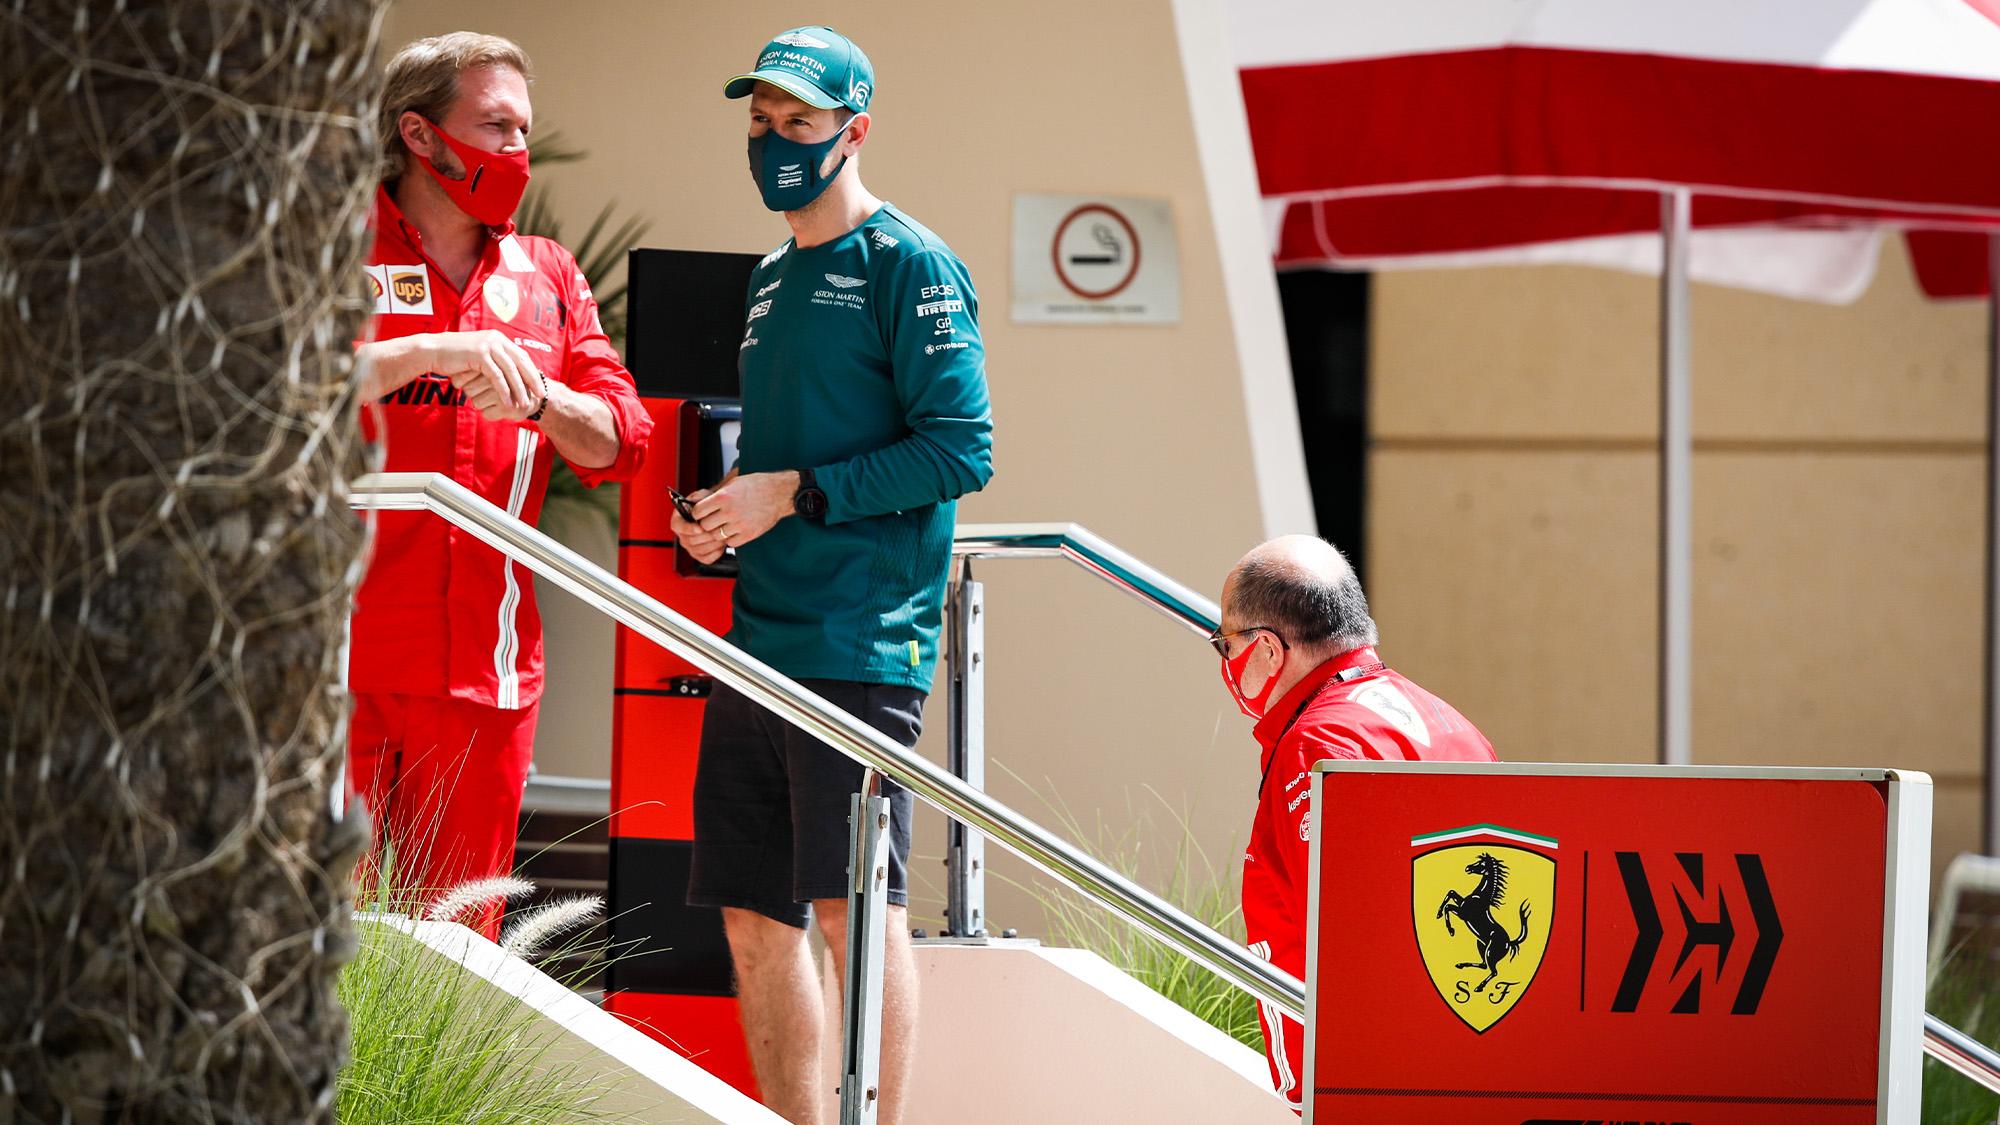 Sebastian Vettel speaks to Ferrari team members at the 2021 Bahrain Grand Prix